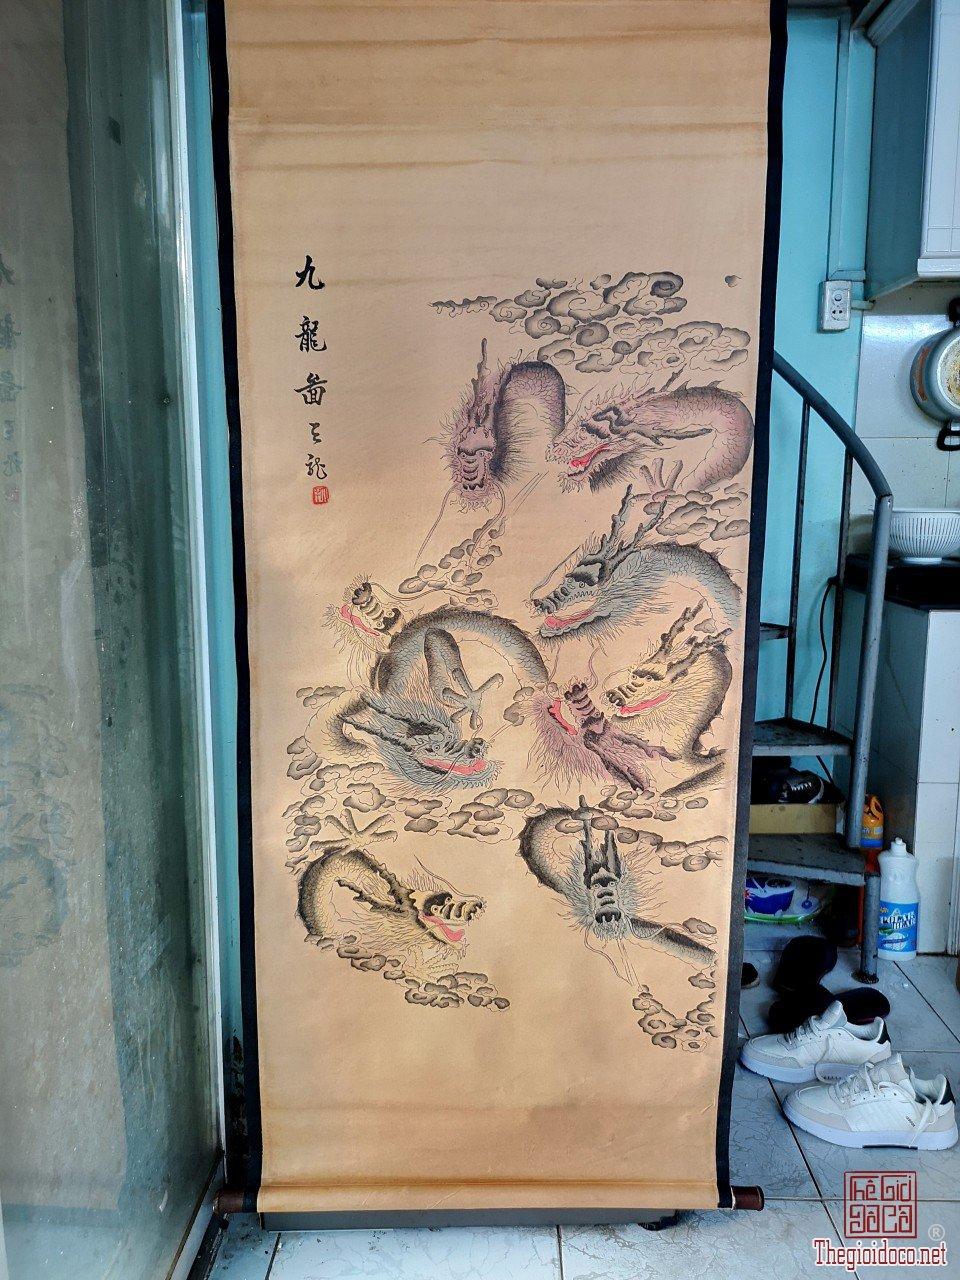 Tranh cửu long 9 rồng độc lạ quý hiếm hoa văn tuyệt đẹp hàng hiếm giá mềm